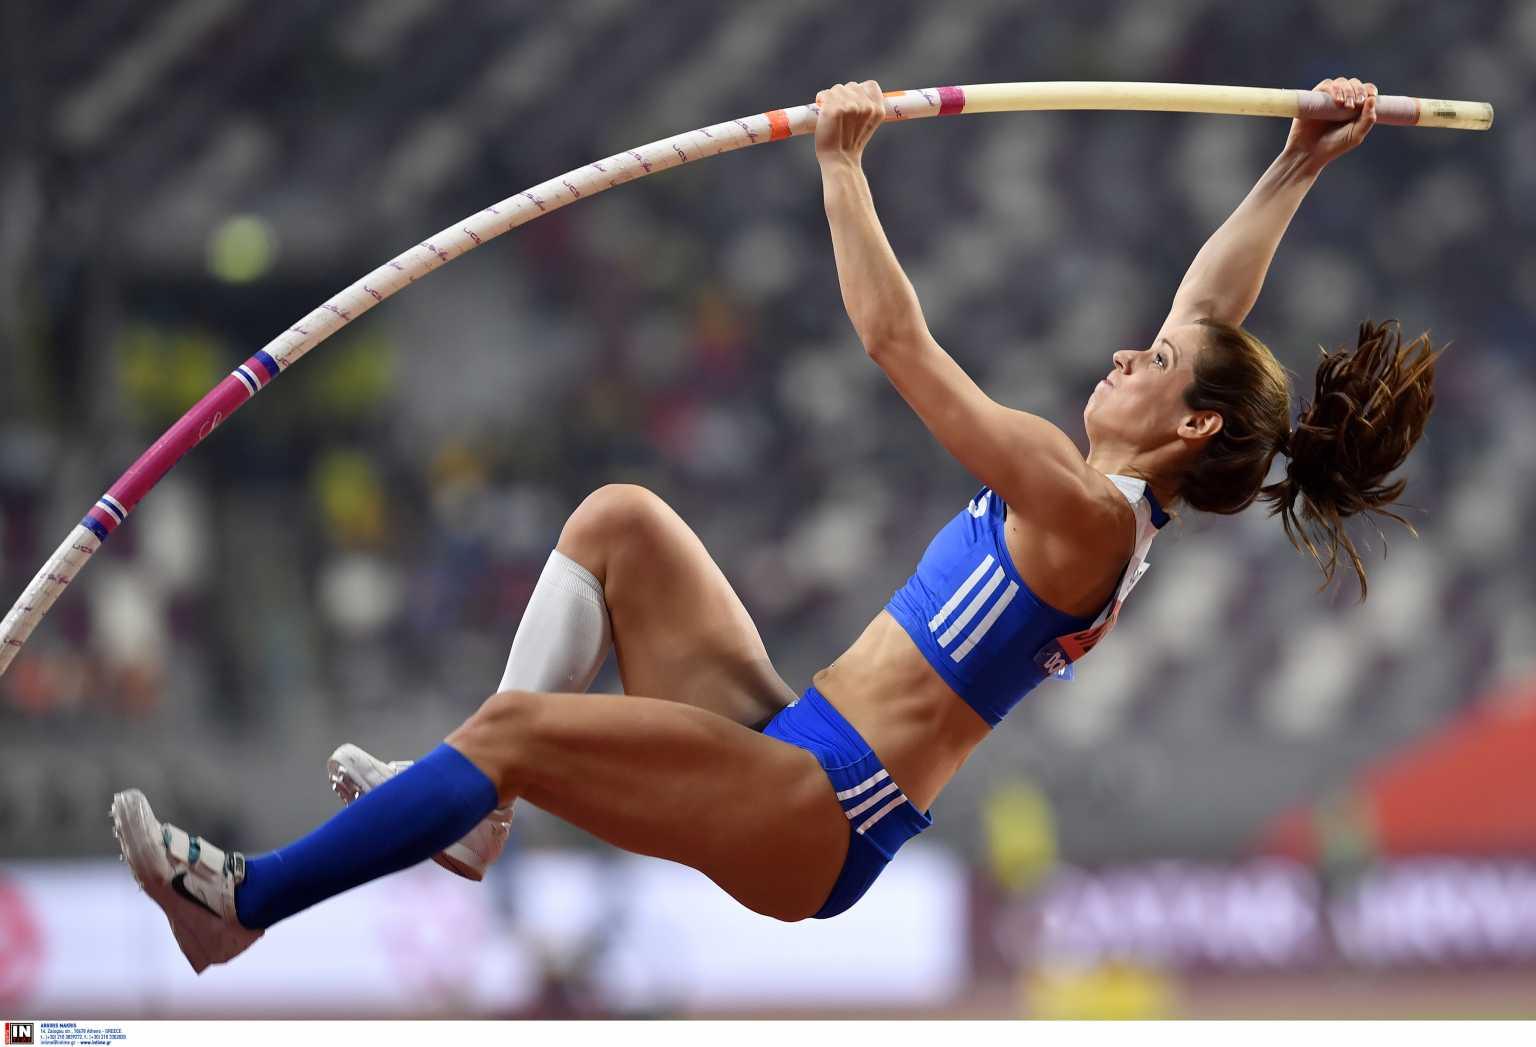 Εξαιρετικός ο Μίλτος Τεντόγλου – «Ζέσταμα» για τους Ολυμπιακούς Αγώνες με πρωτιά στο Μονακό